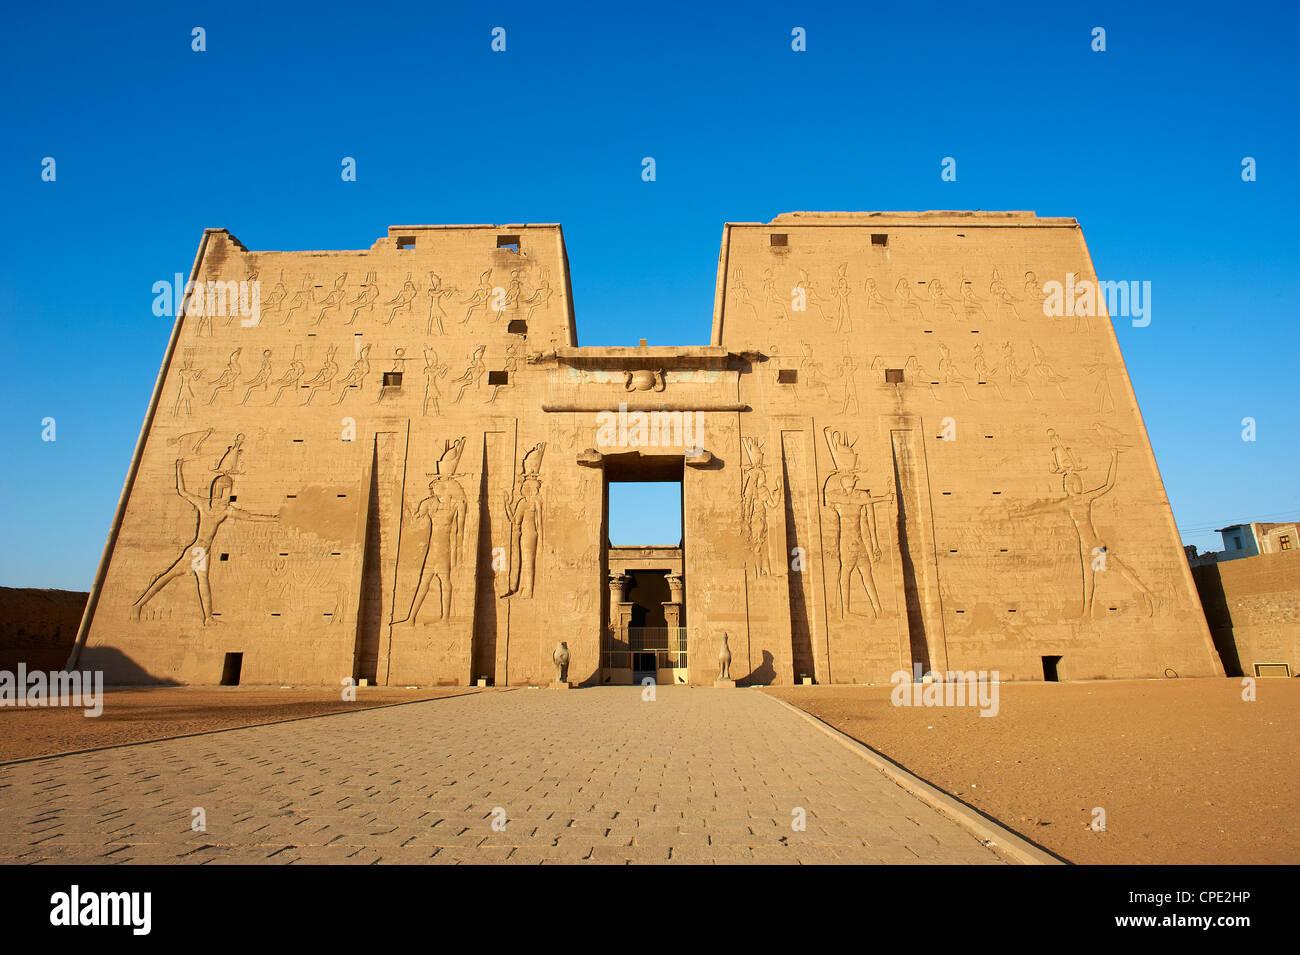 Pilone, Tempio di Horus Edfu, Egitto, Africa Settentrionale, Africa Immagini Stock